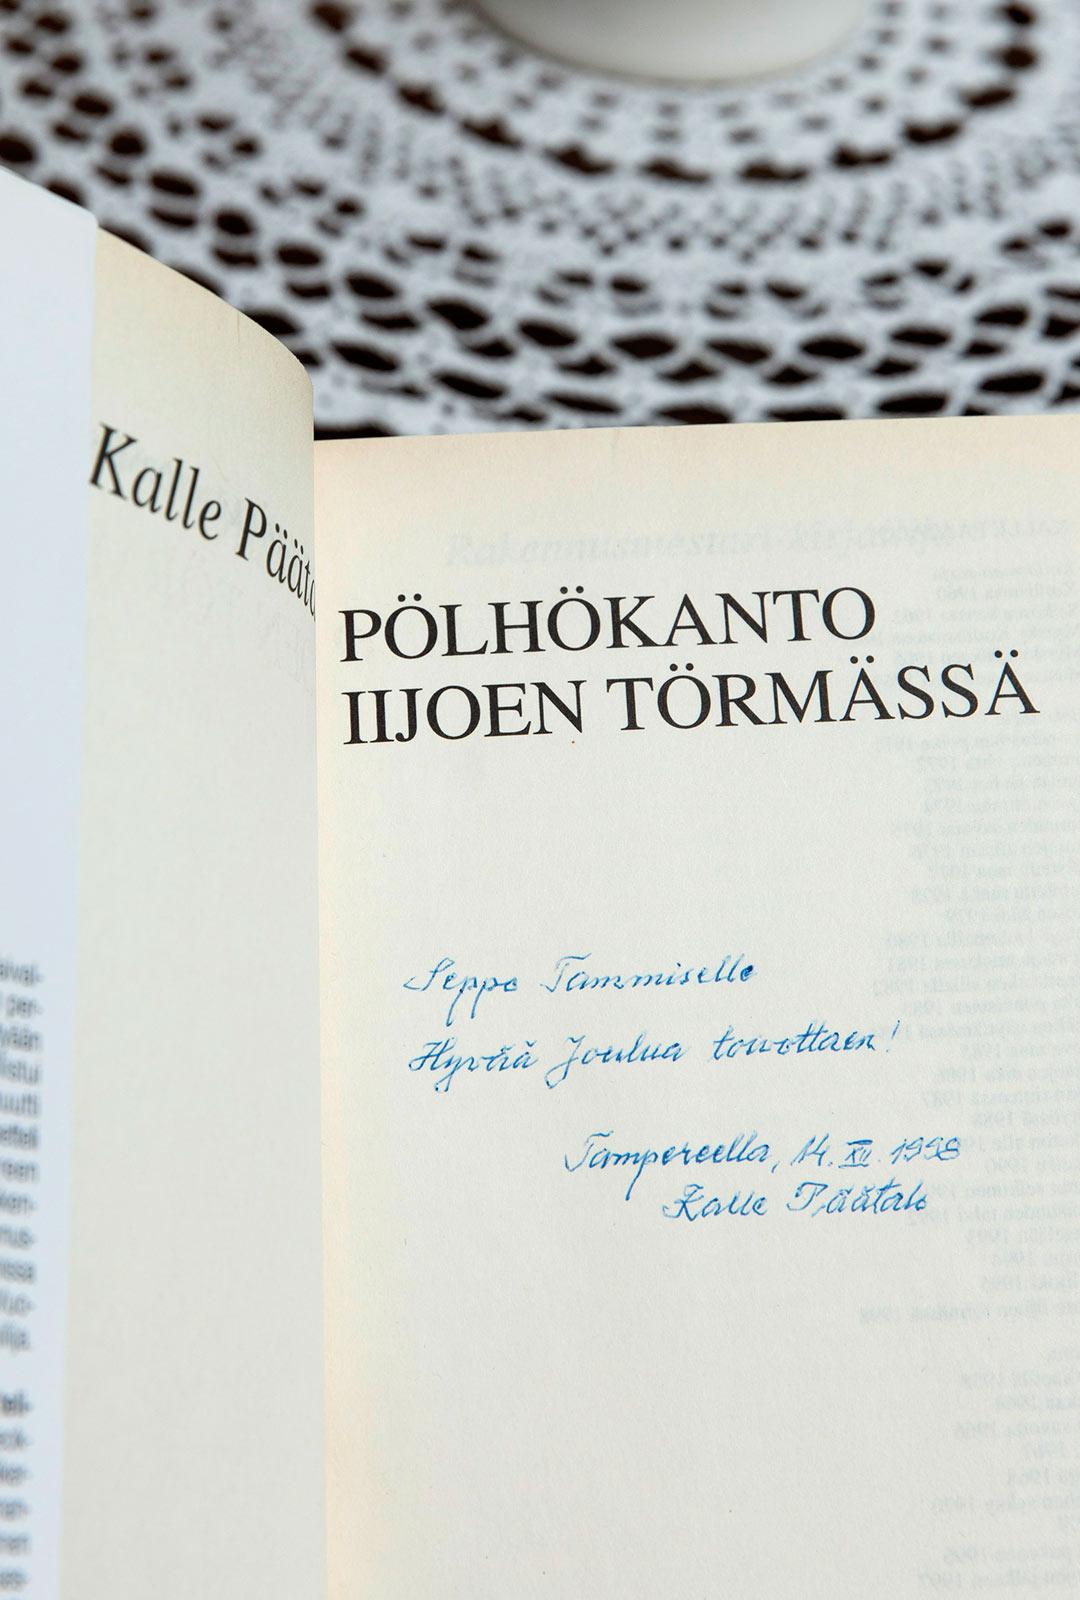 Kalle Päätalo lähetti uuden kirjansa aina pojalleen joululahjaksi. Kirjakokoelma on nyt Mikon hyllyssä.